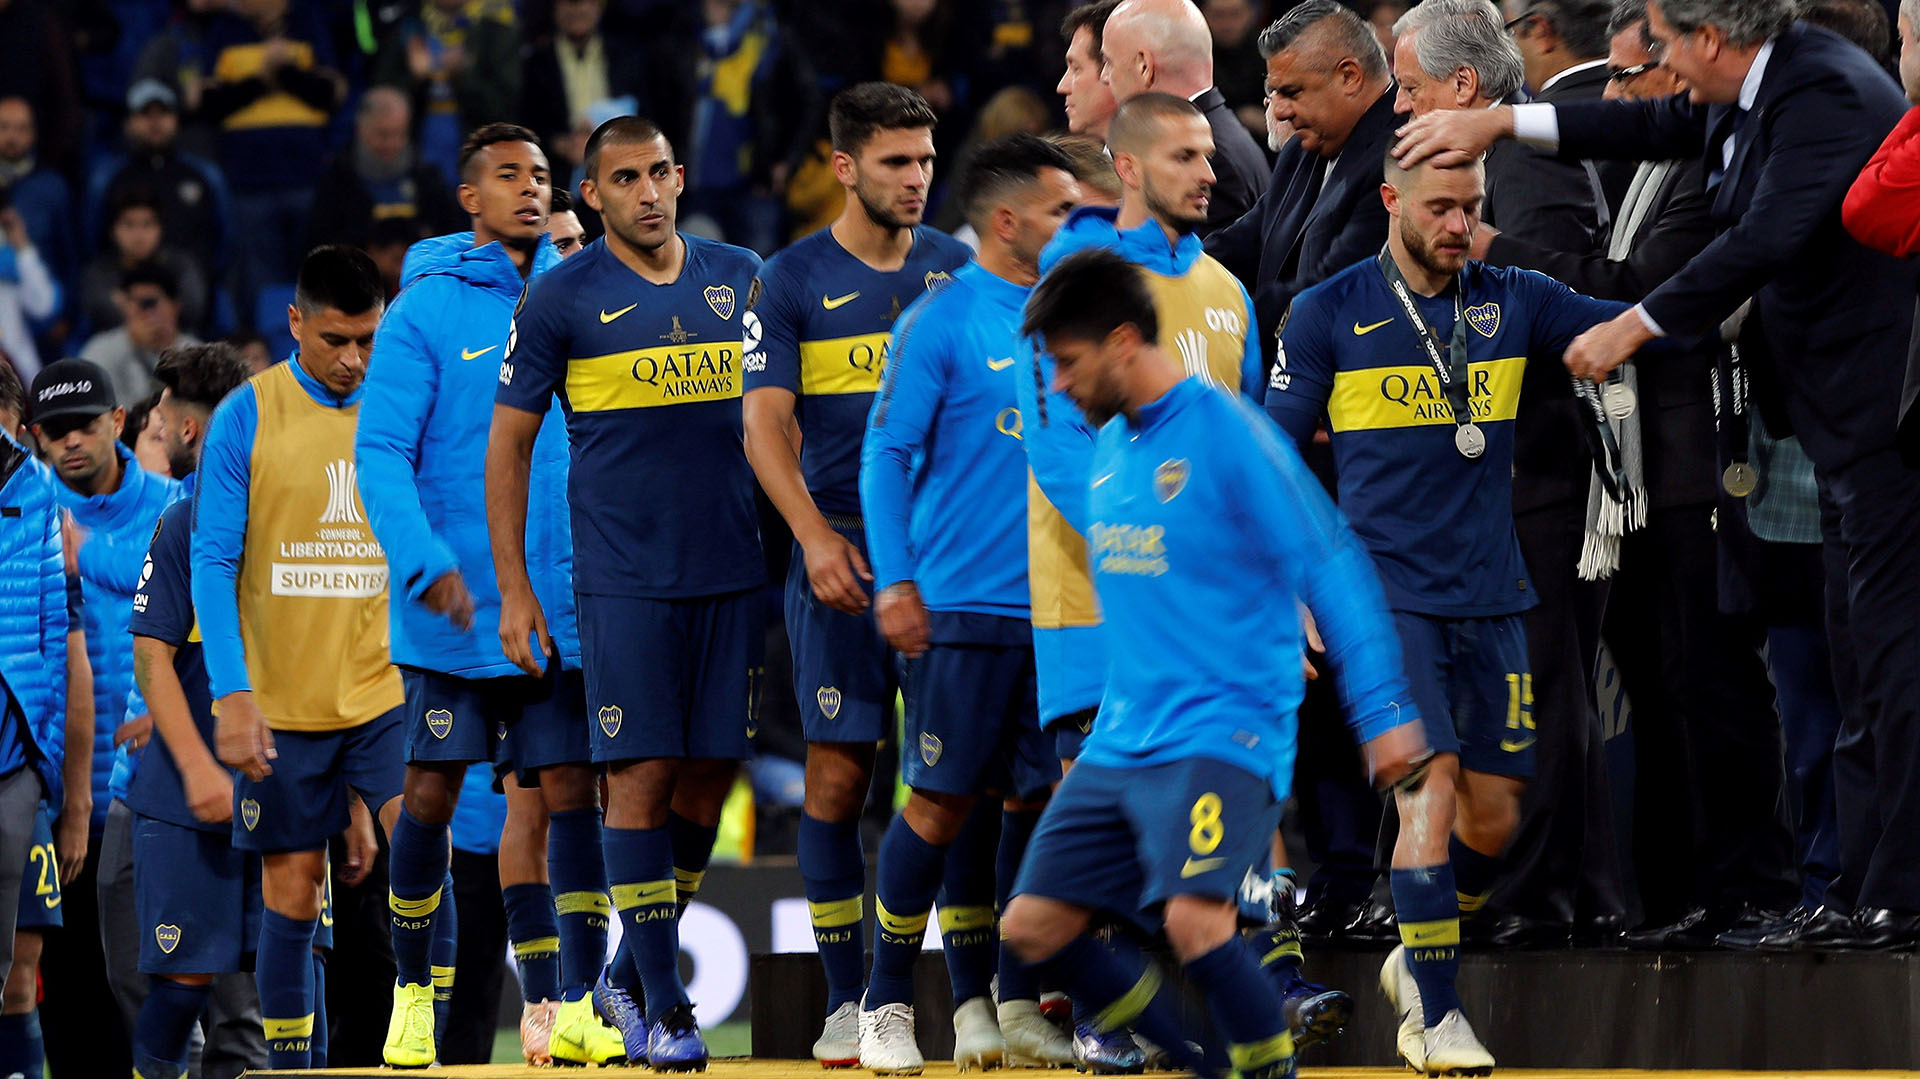 """Los jugadores de Boca recogen las medallas tras perder contra River en el partido de vuelta de la final de la Copa Libertadores que ambos equipos disputaron en el estadio Santiago Bernabéu de Madrid, y que terminó con la victoria del """"Millonario"""" por 2-1 (EFE)"""